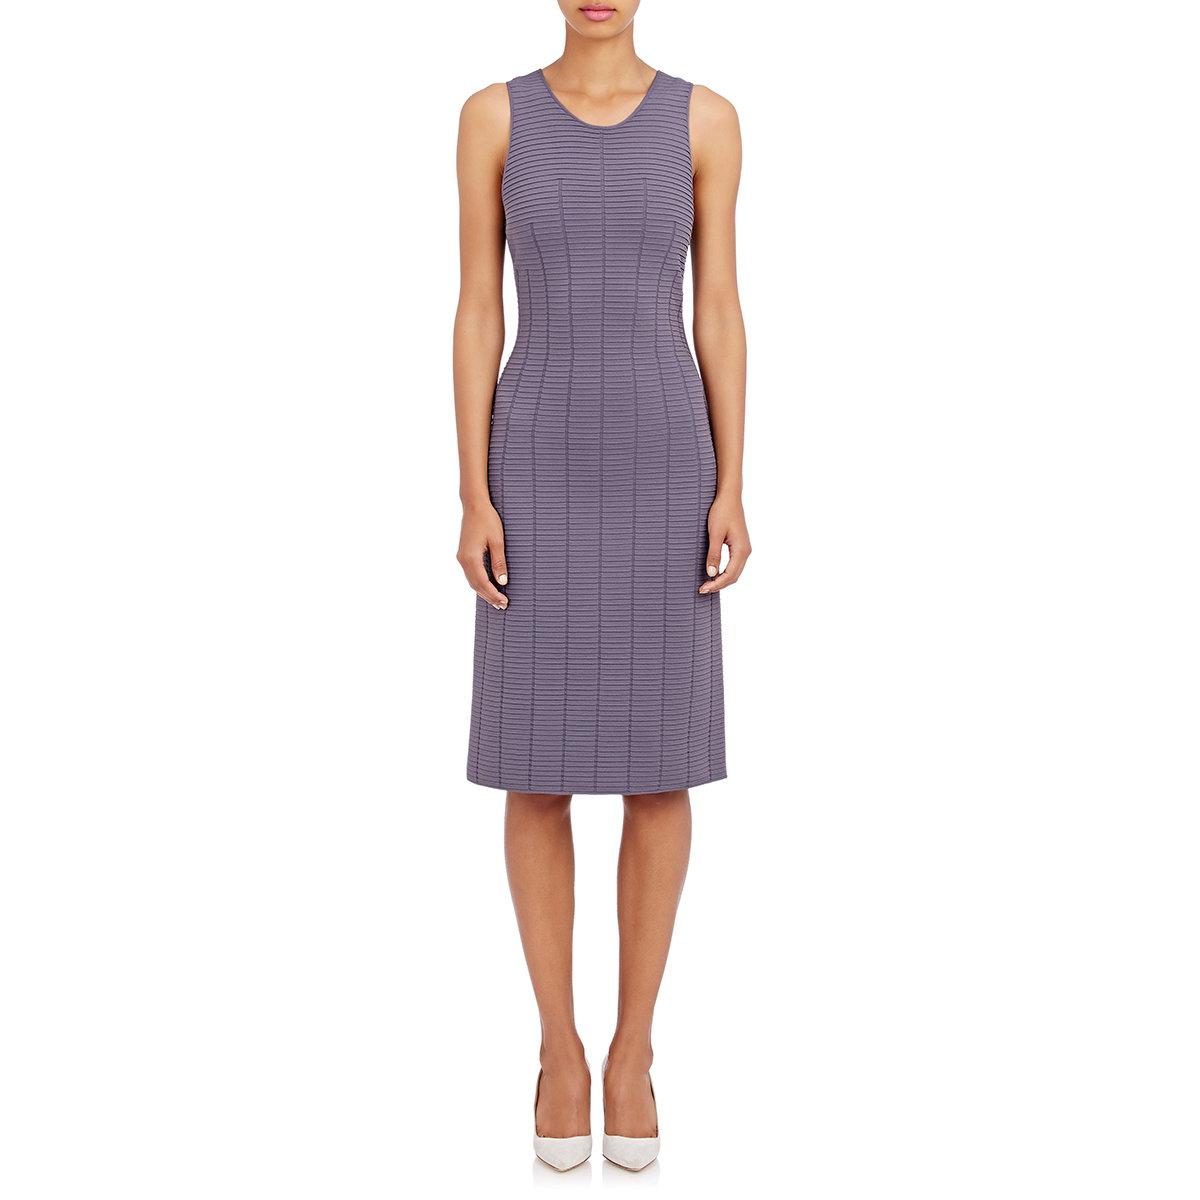 fb9b727fe3e95 Lyst - Giorgio Armani Ottoman Body-con Dress in Purple